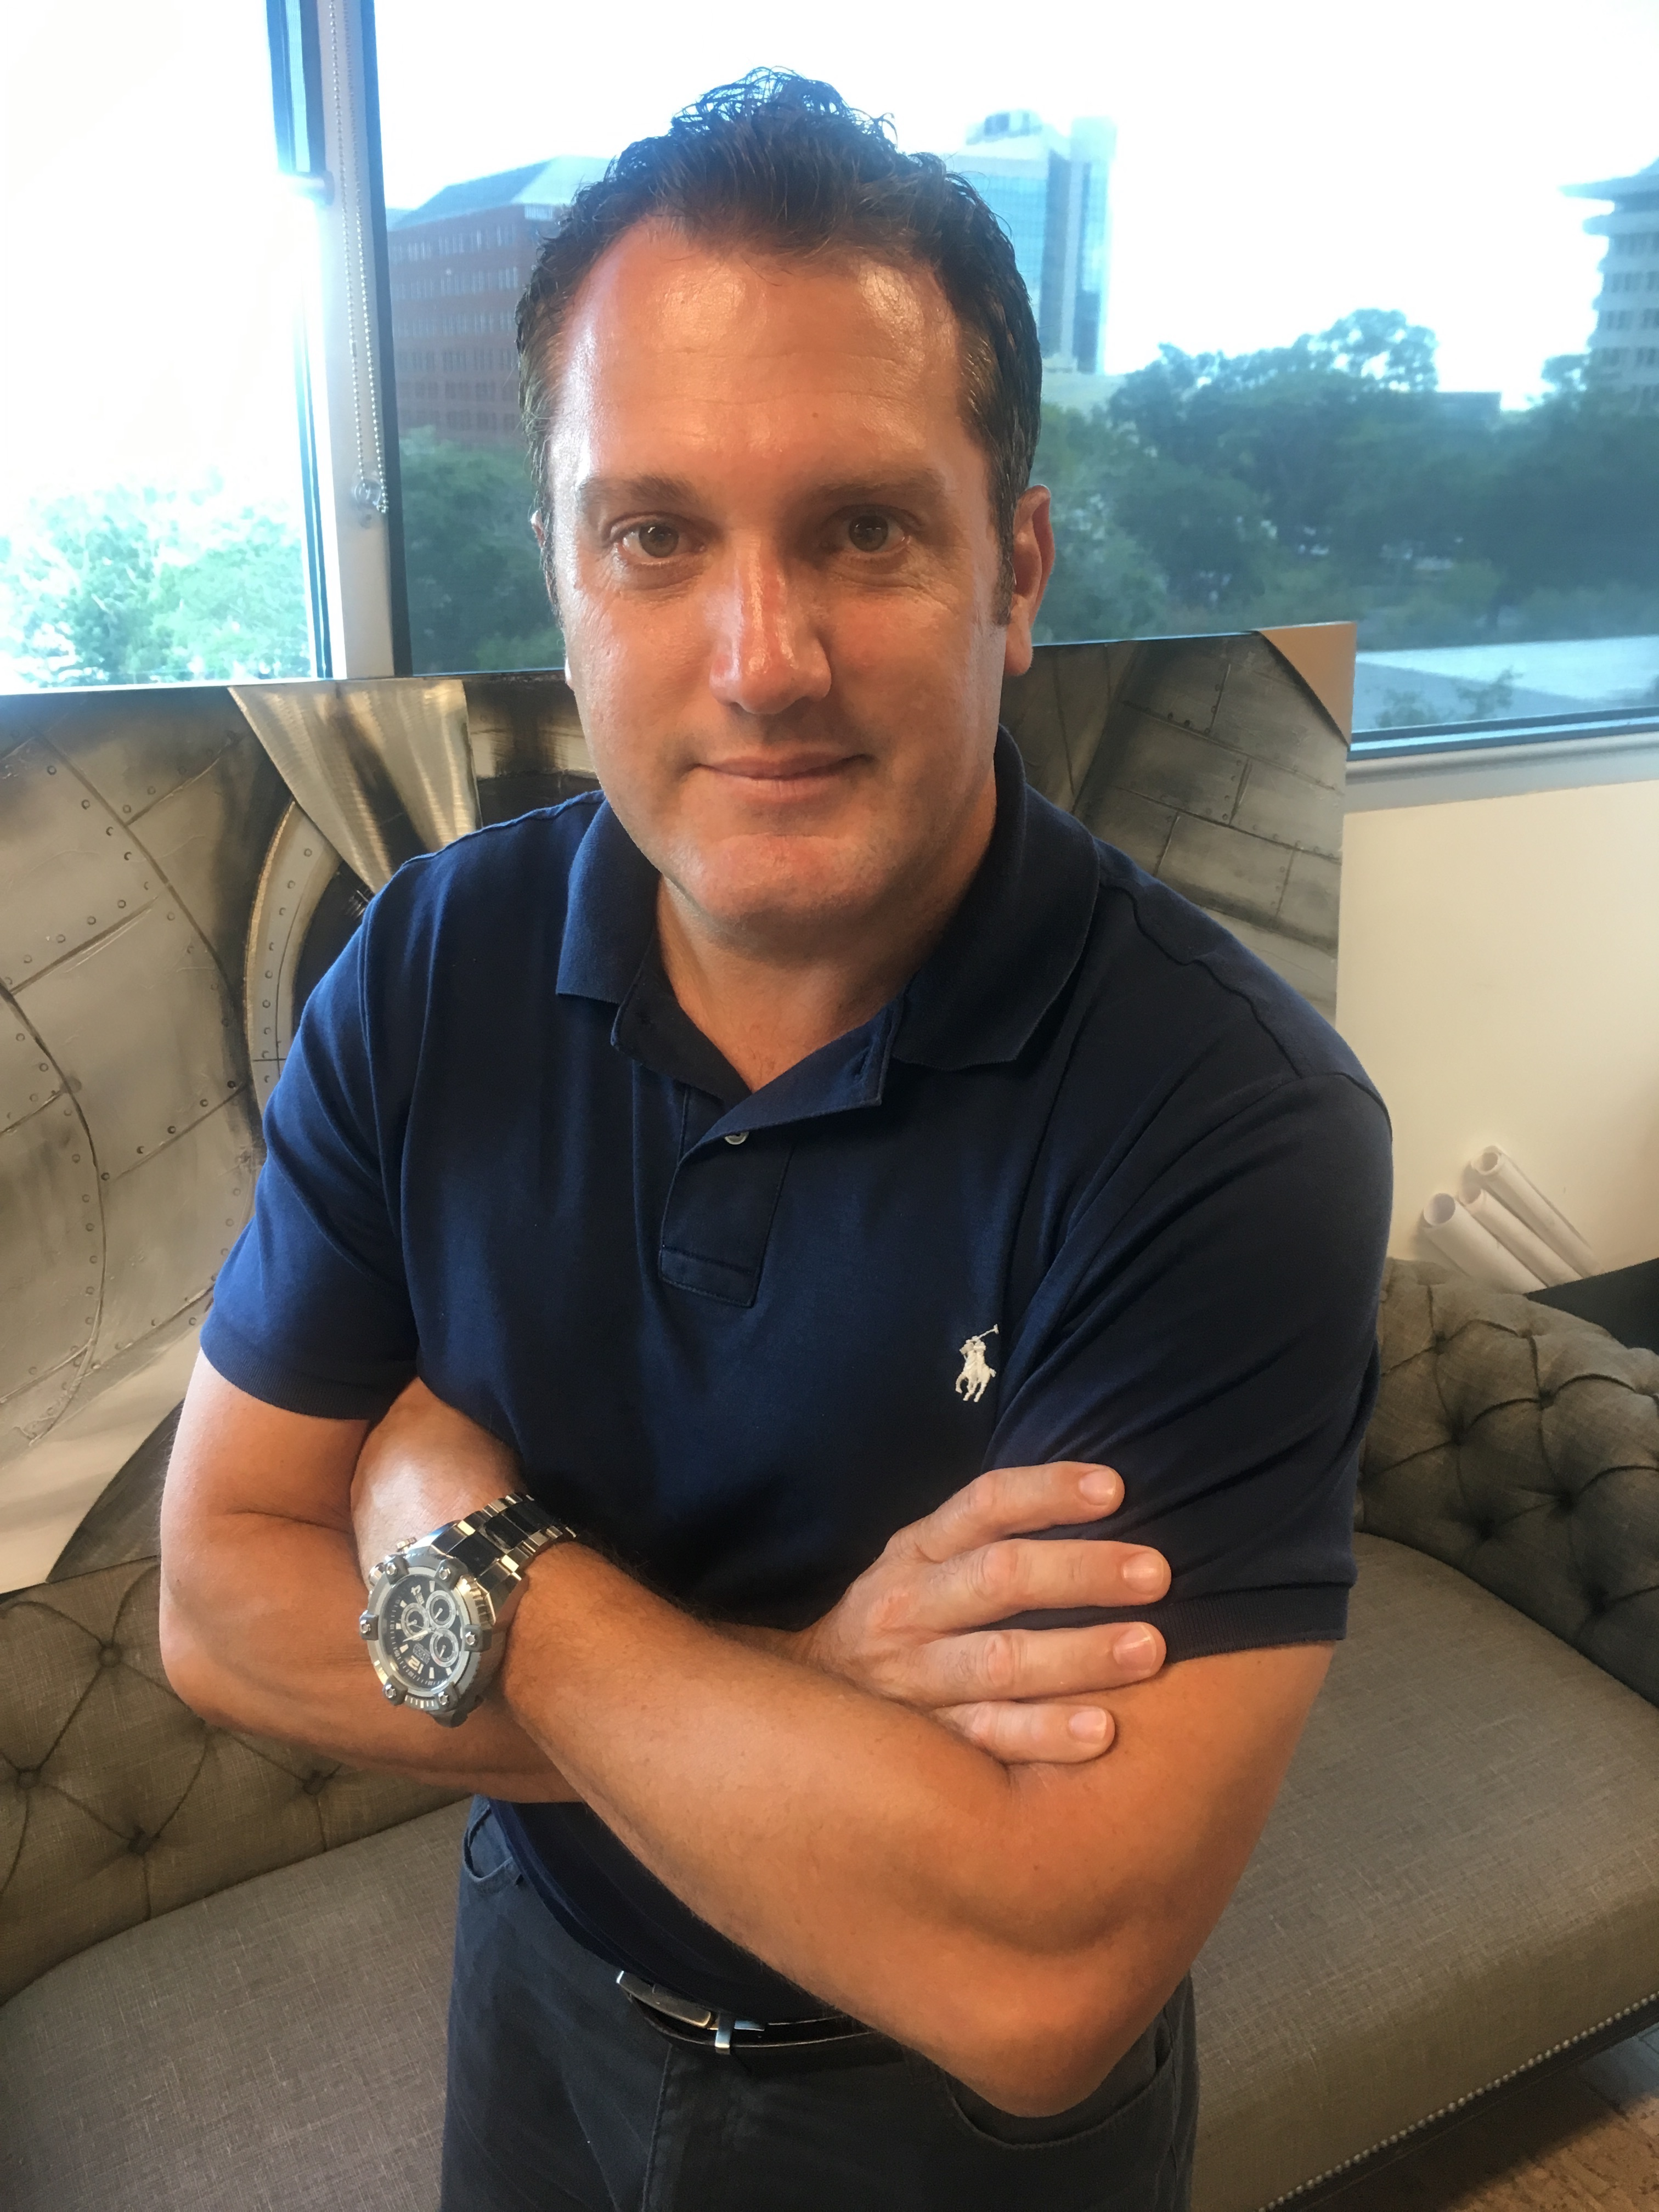 Daniel Raimondo